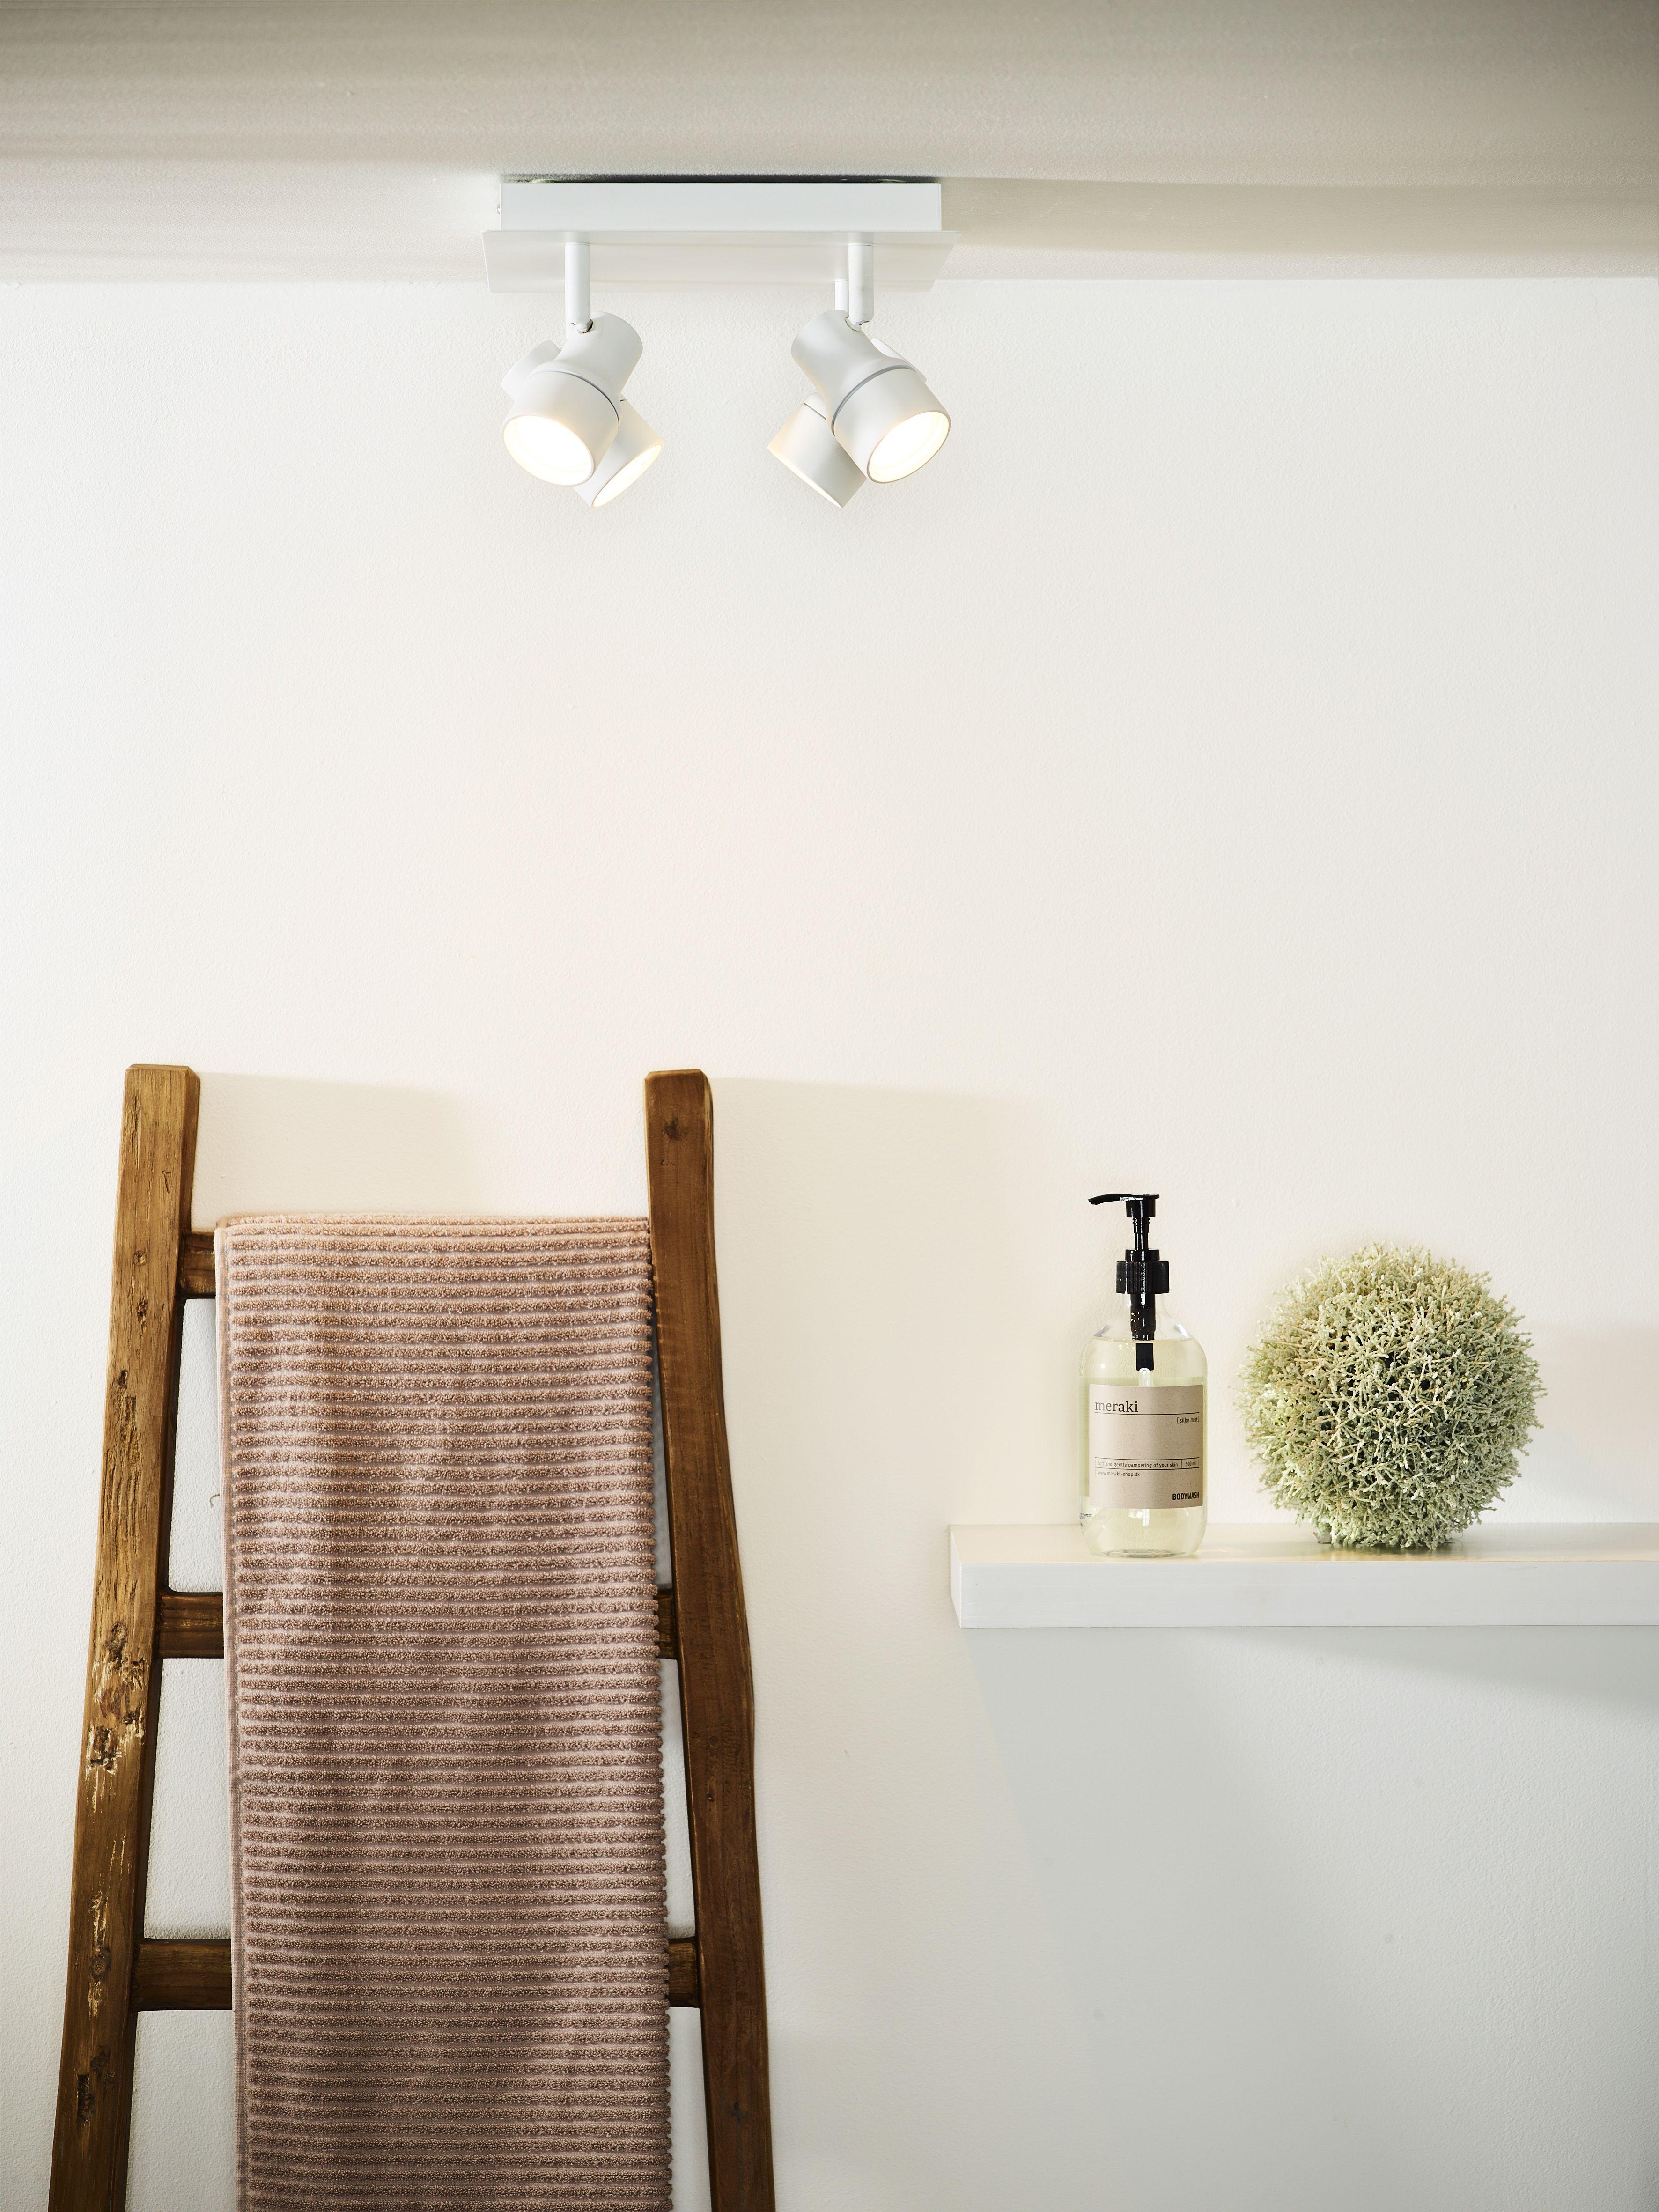 Lucide Sirene Led Ceiling Spotlight Bathroom O 10 Cm Led Dim Gu10 4x5w 3000k Ip44 White Ceiling Spotlights Led Ceiling Home Decor